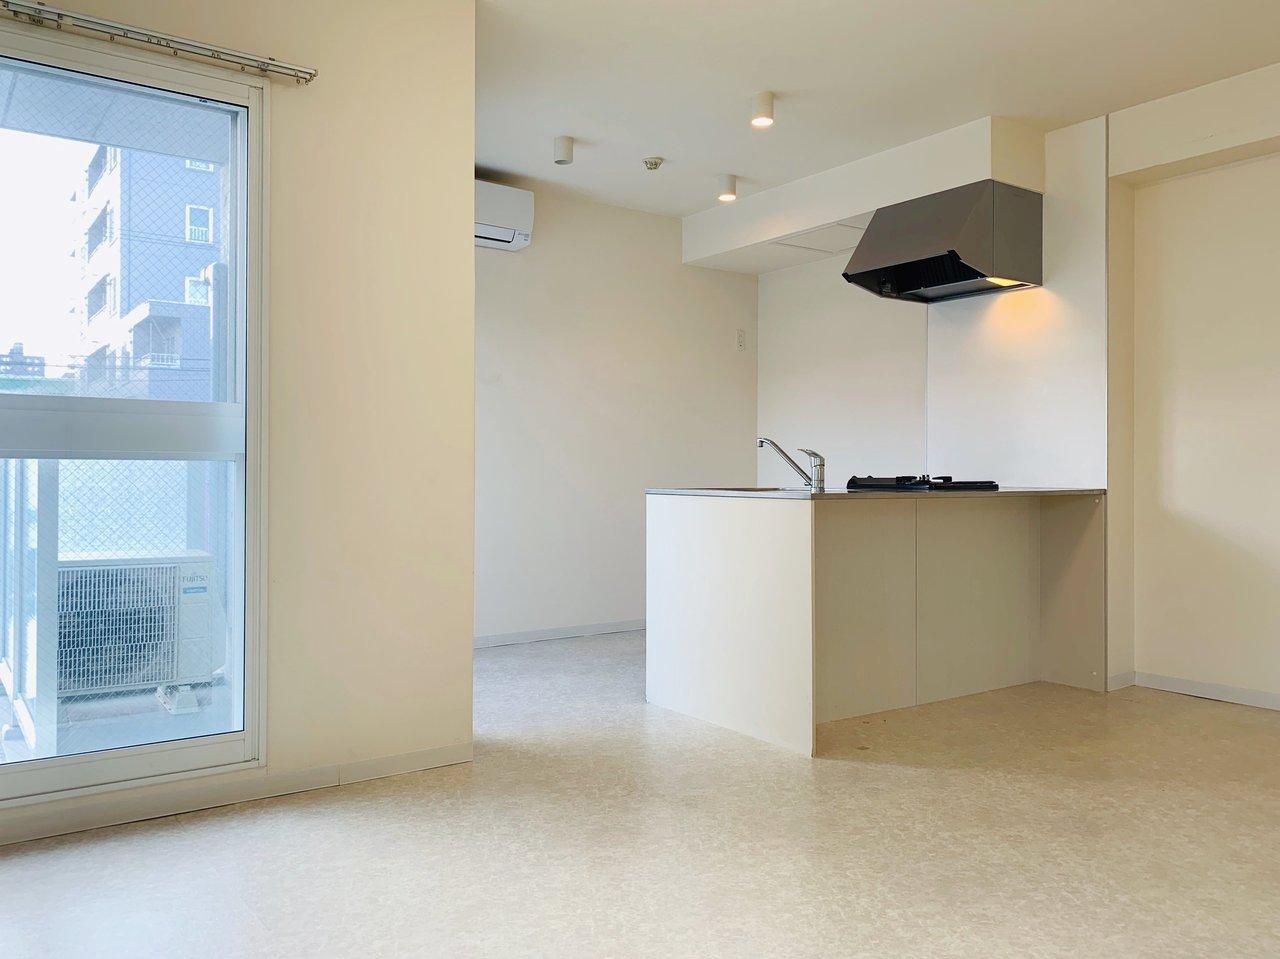 全体的に白がベースカラーとなった1SLDKのお部屋。清潔感があって、とっても気持ちが良いんです。窓は南向きについているので、部屋全体が明るい印象になっています。